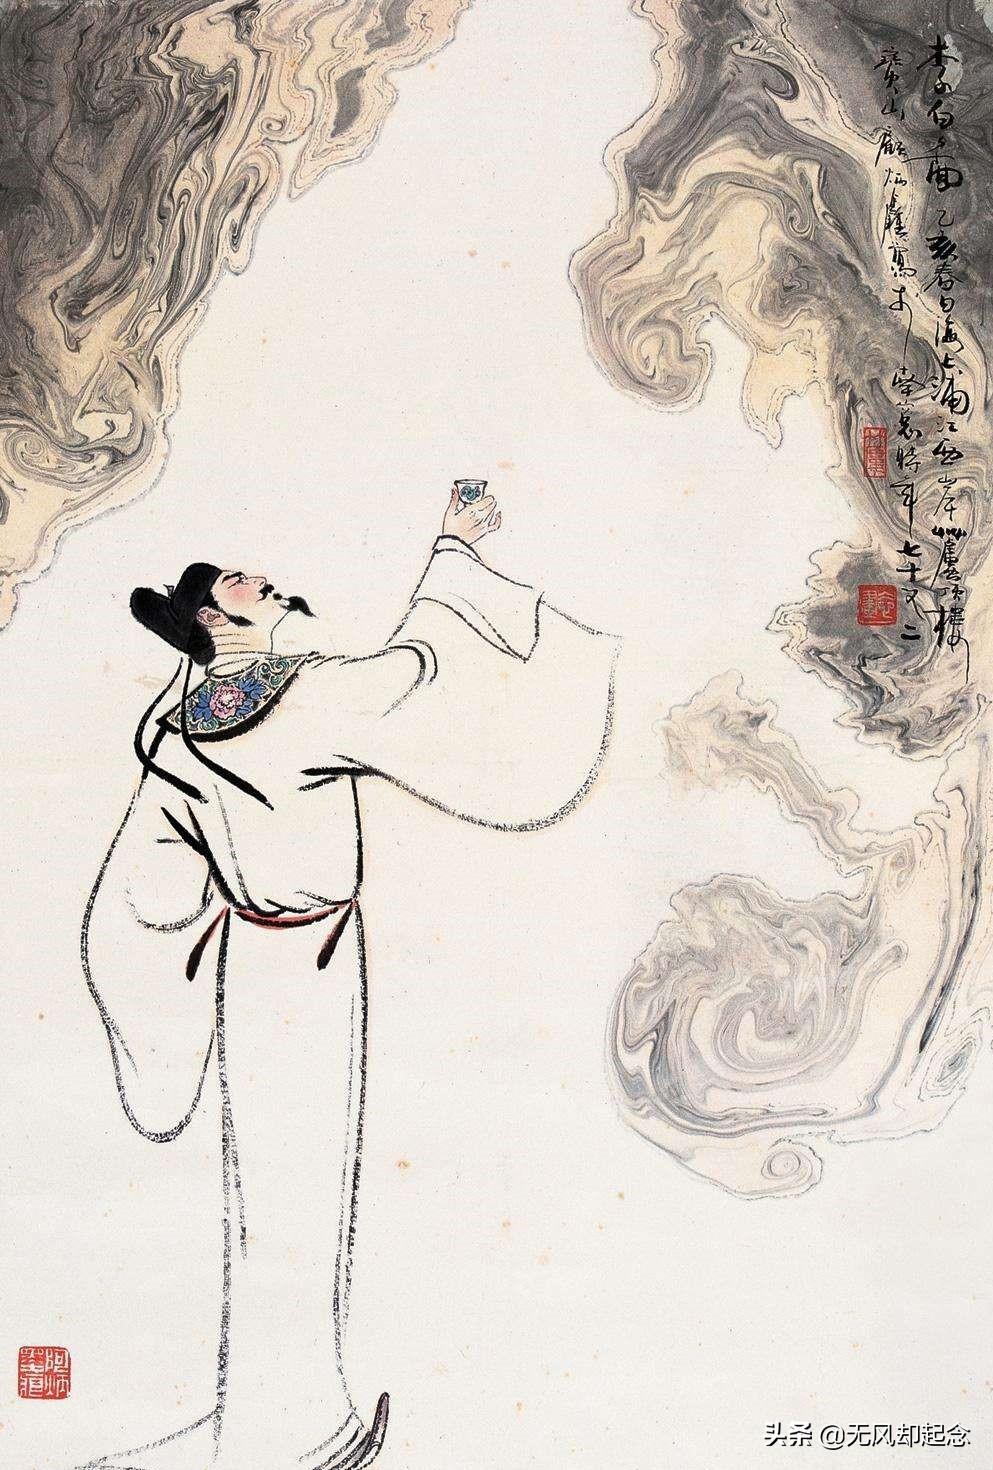 王维一生写了400多首诗,有一首诗最差却最重要,靠它保住性命